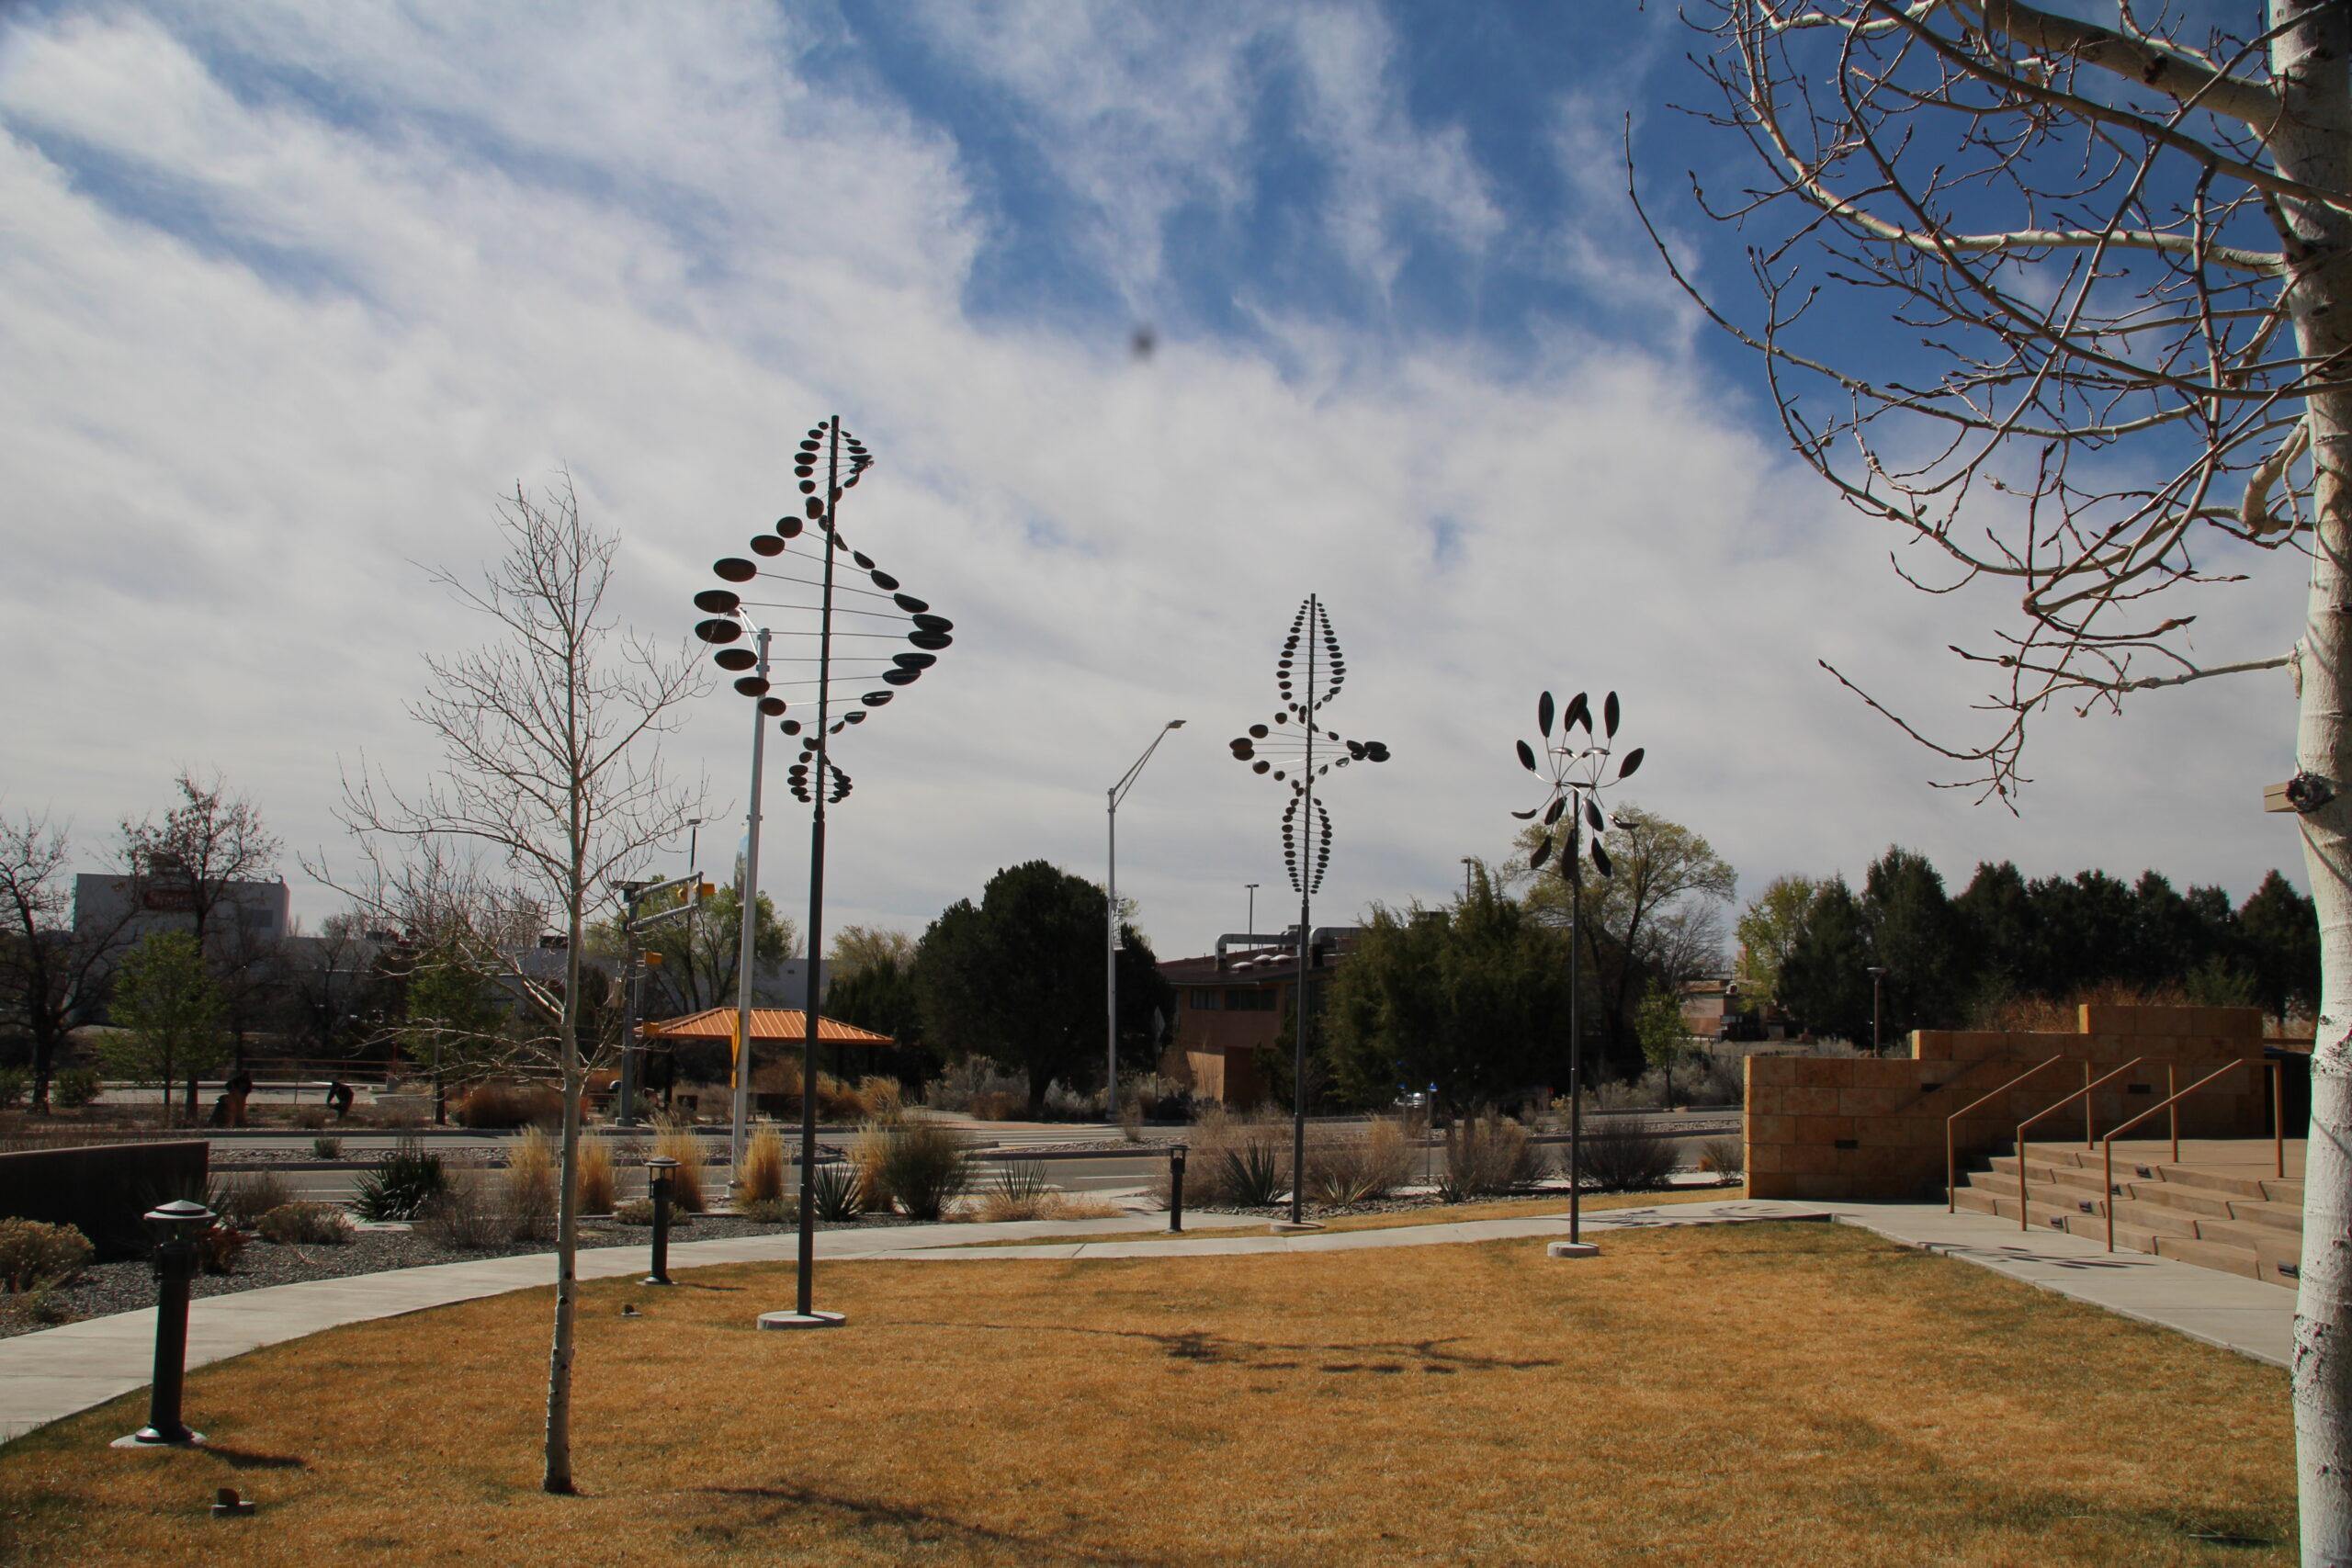 WIndSculptures in Utah